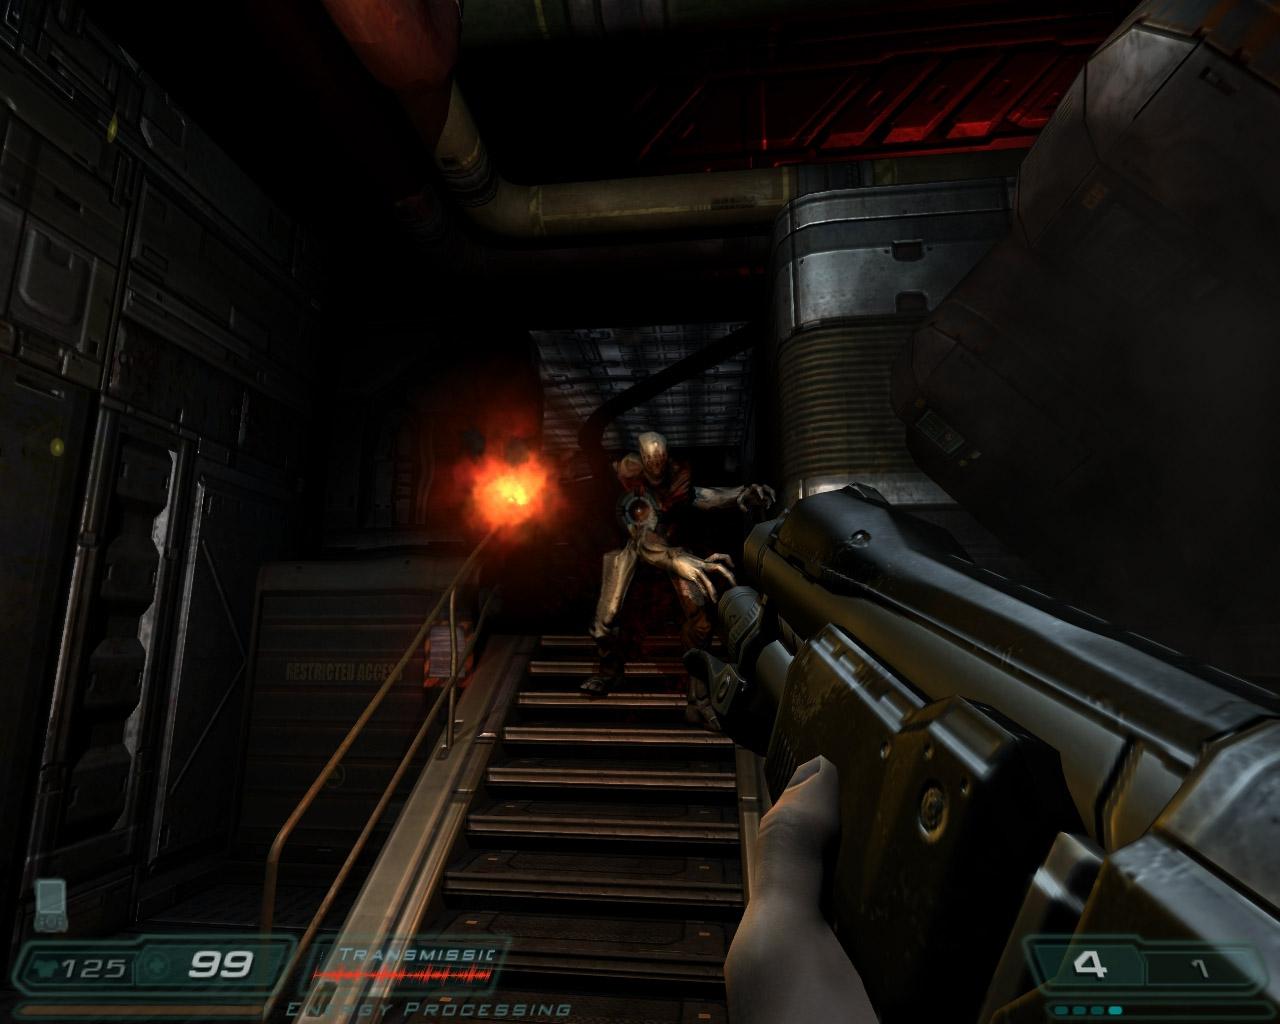 Las armas en Savage Doom son una bestialidad.